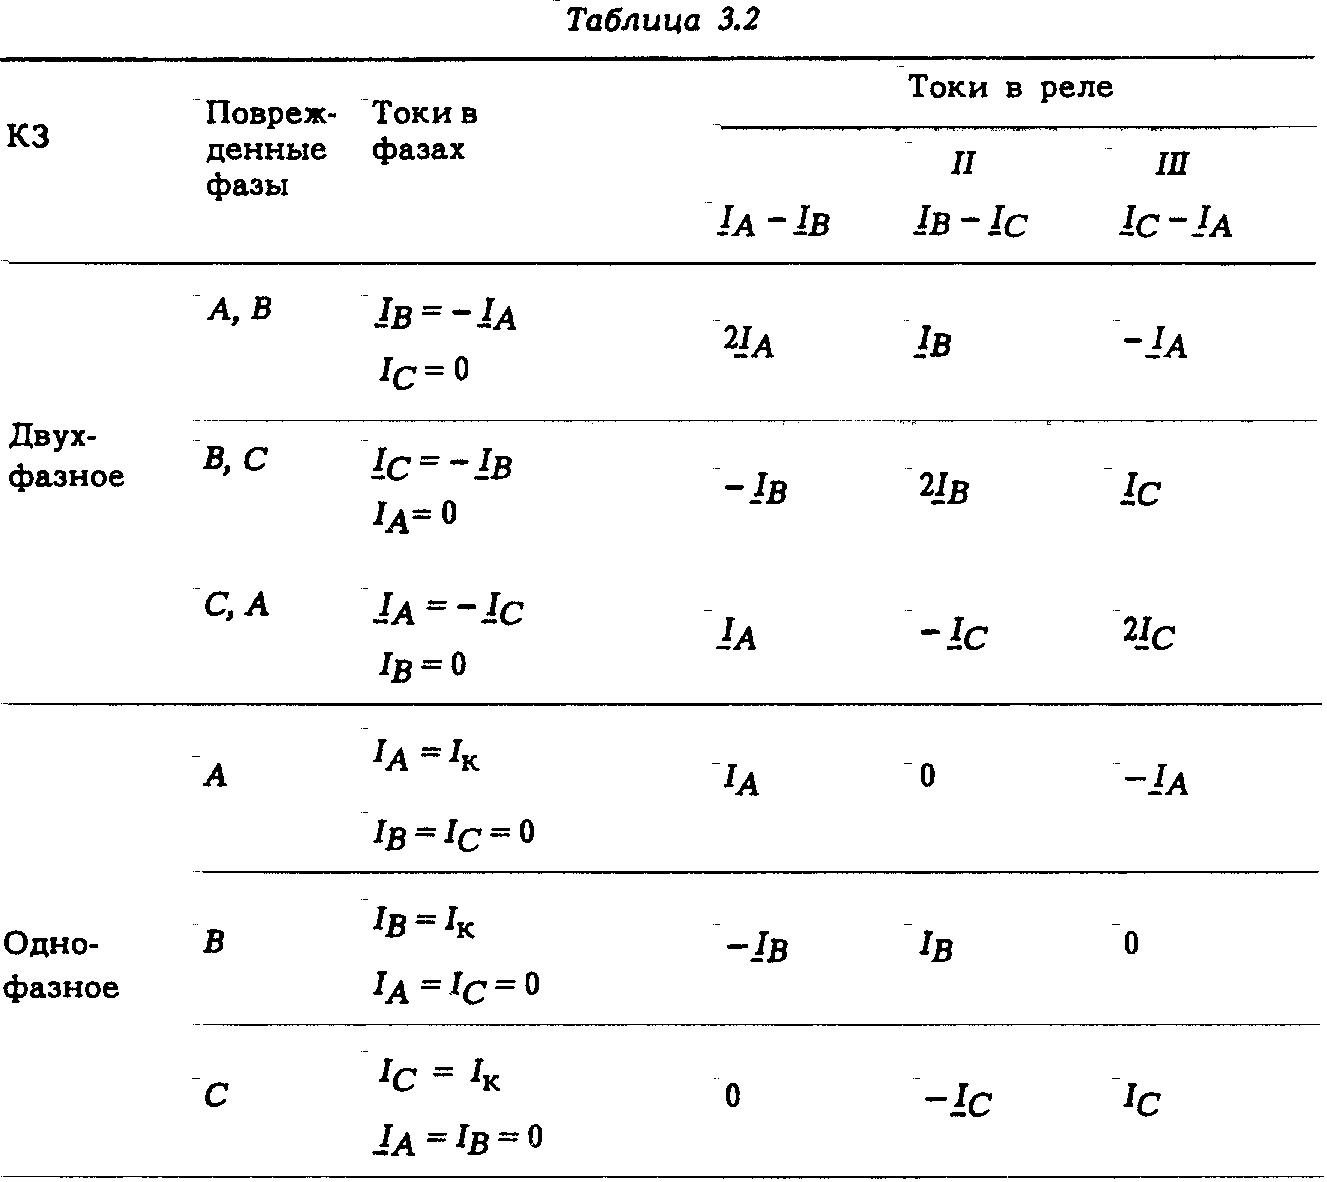 Схема включения треугольником применяется фото 528